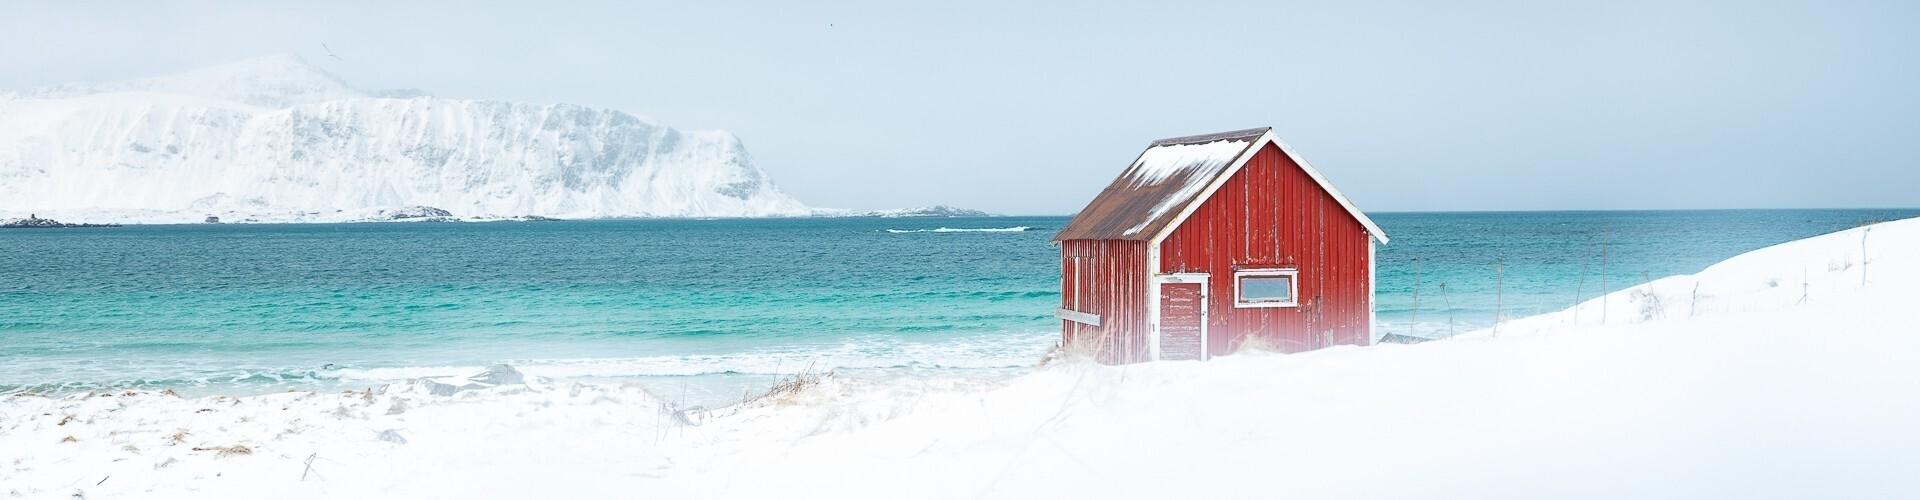 voyage photo norvege jean michel lenoir header